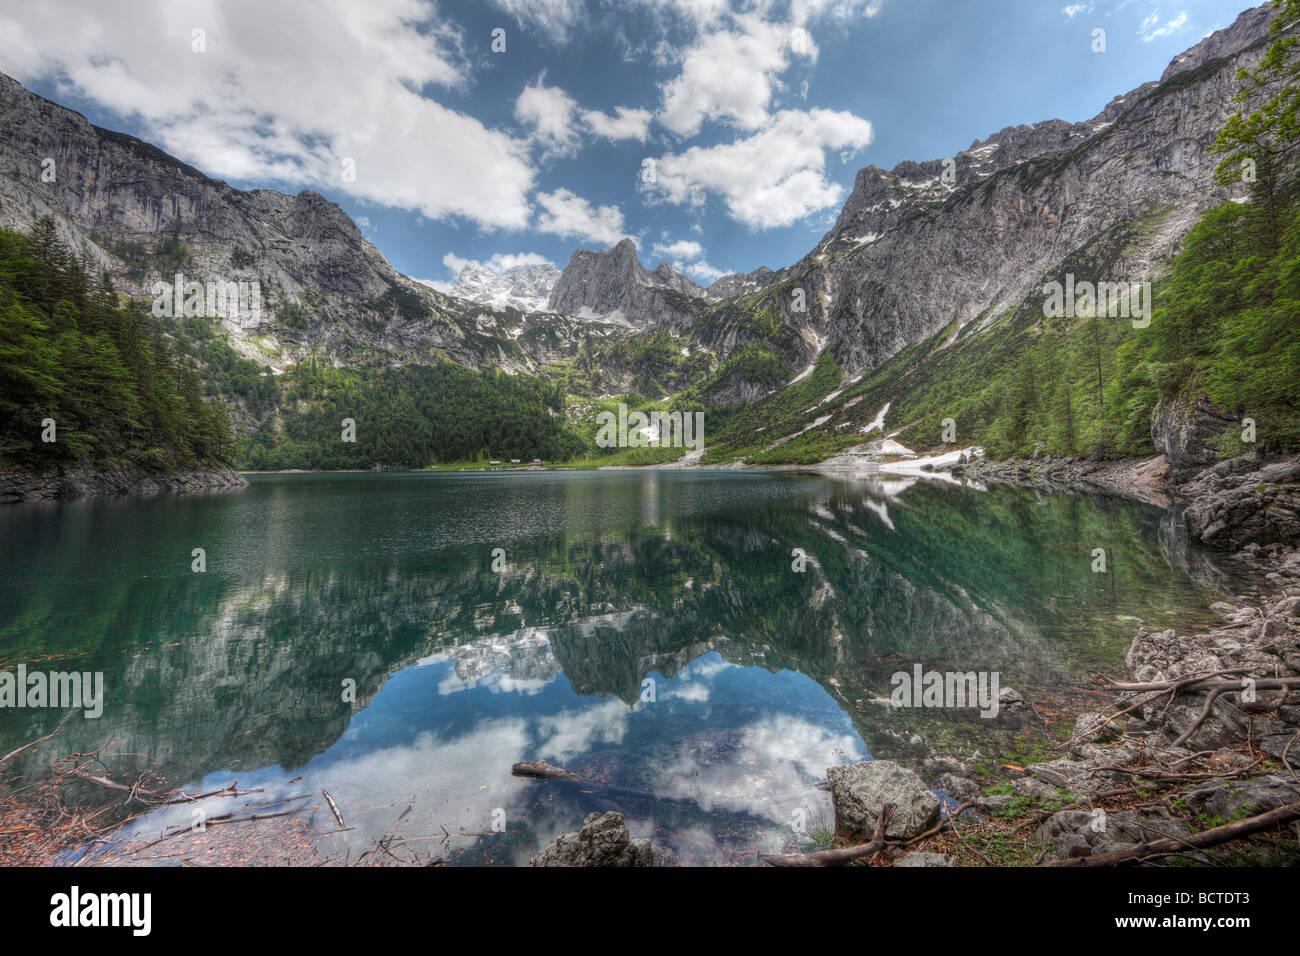 ferienwohnungen hillbrand lac gosausee dachstein dachsteingebirge montagnes region du salzkammergut haute photo